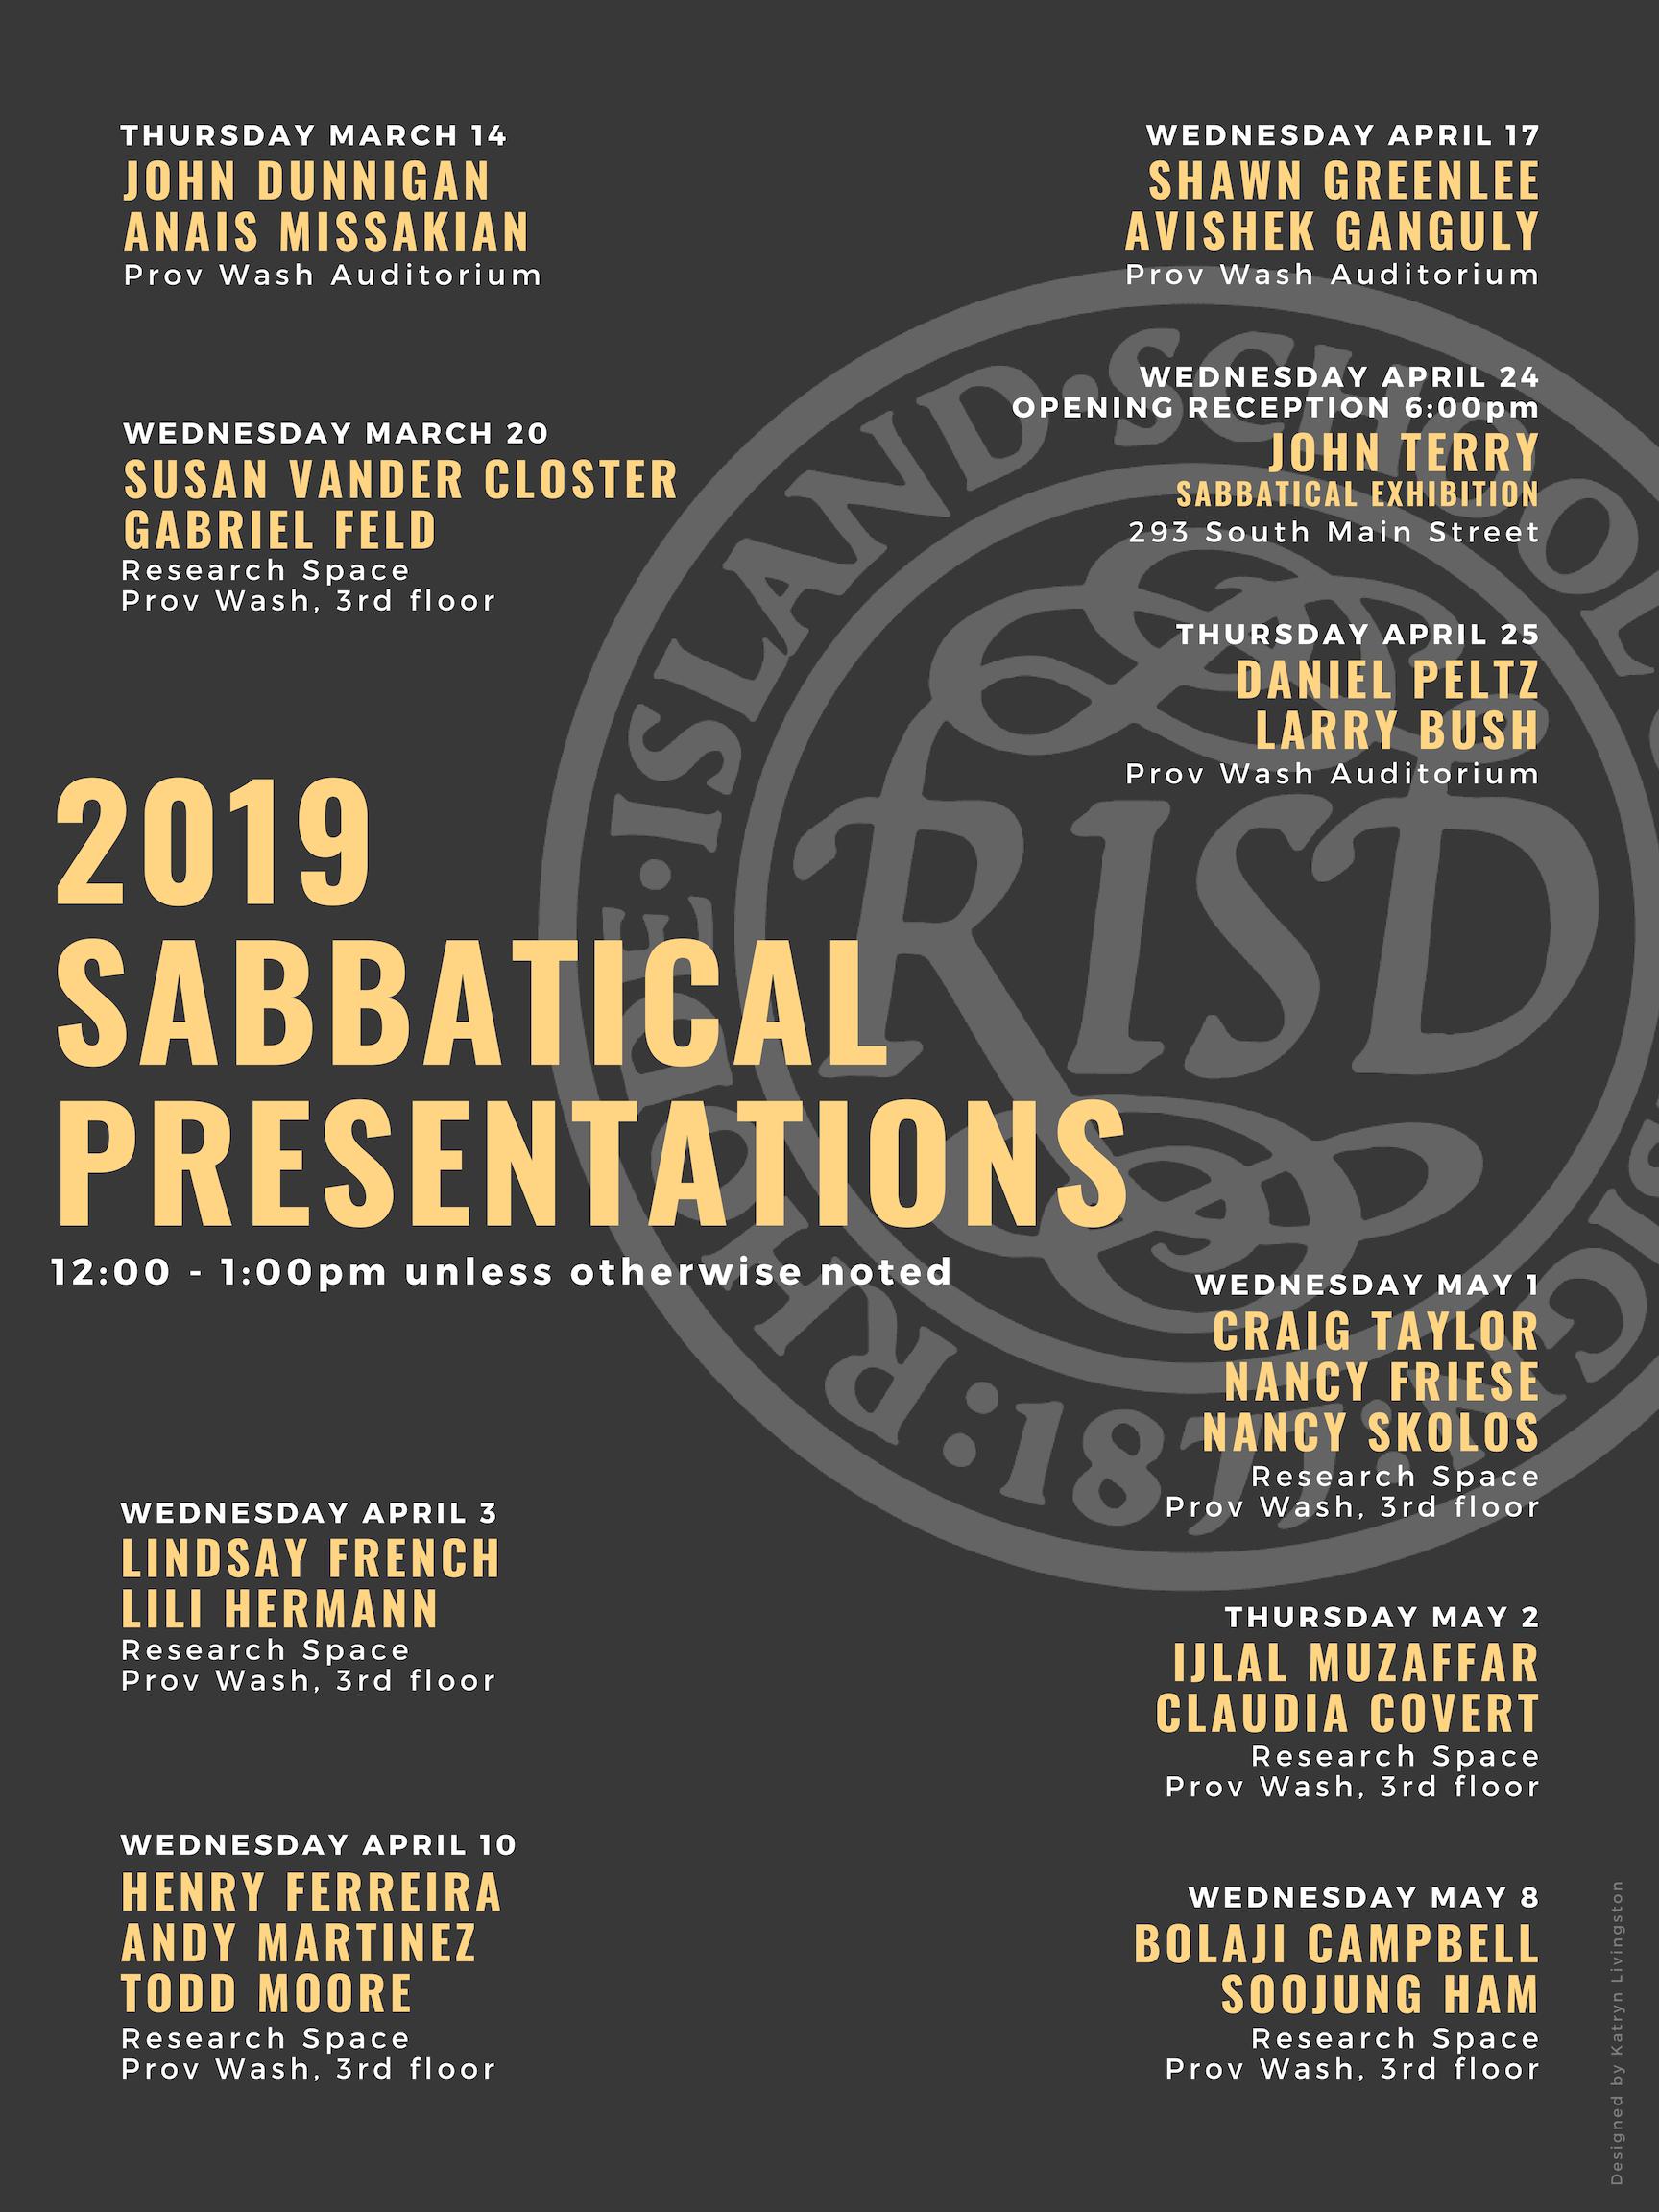 2019 Sabbatical Presentations Poster